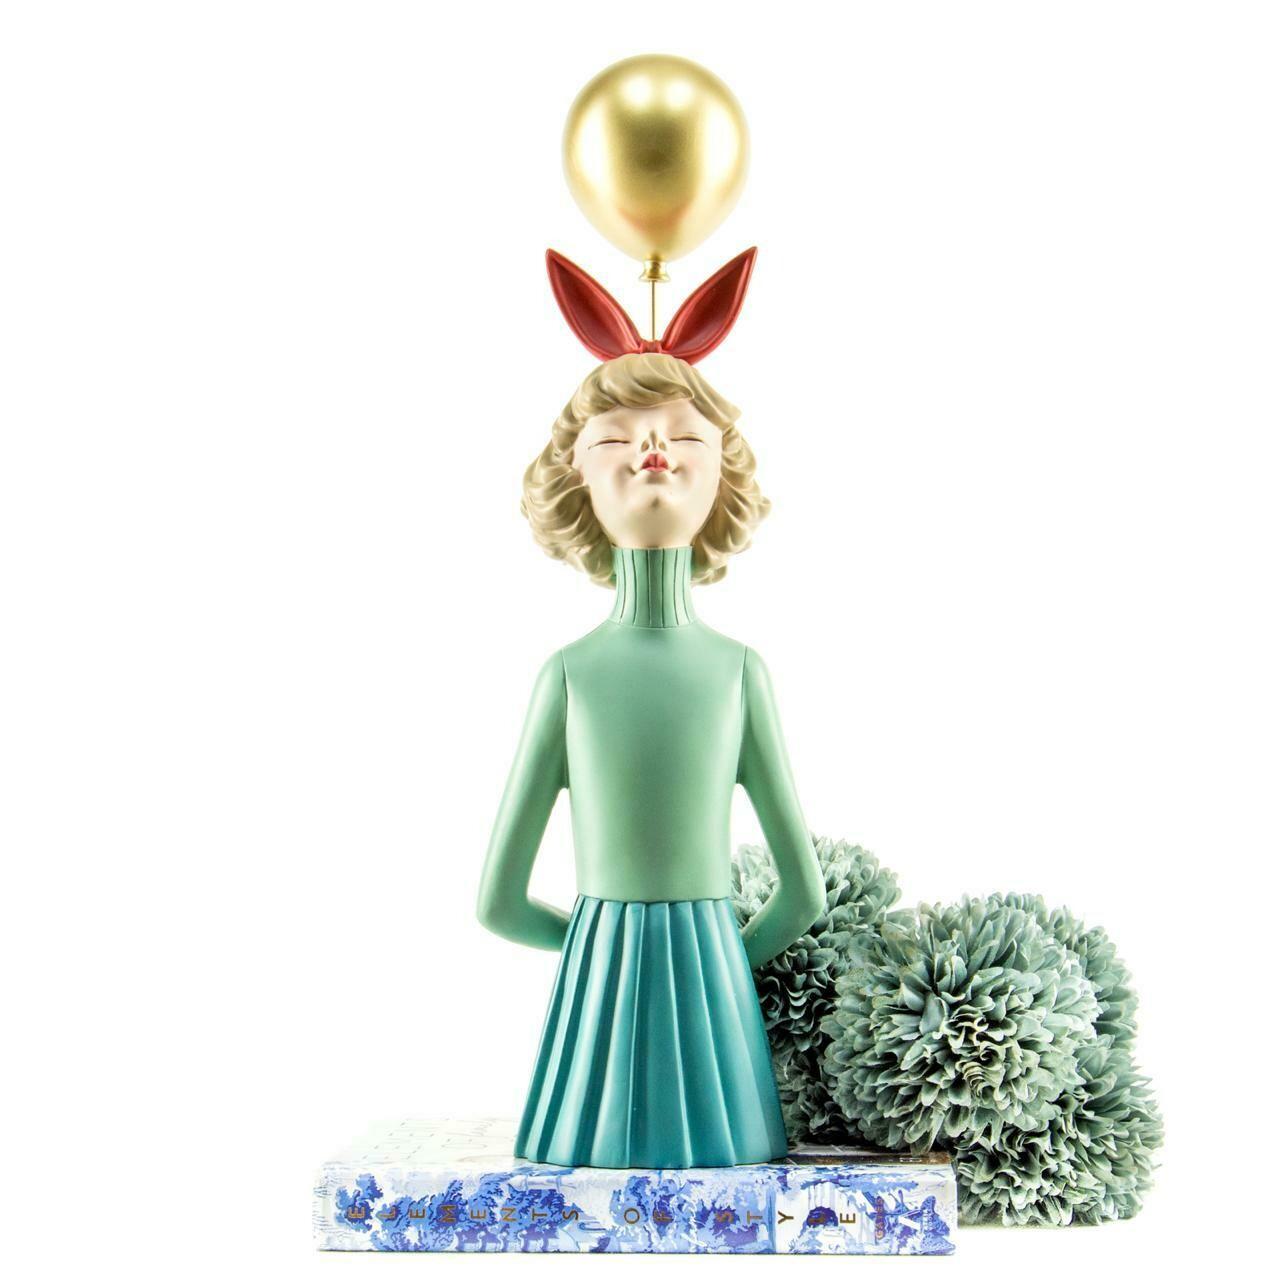 Golden Balloon Girl Sculpture - Cool Ornaments